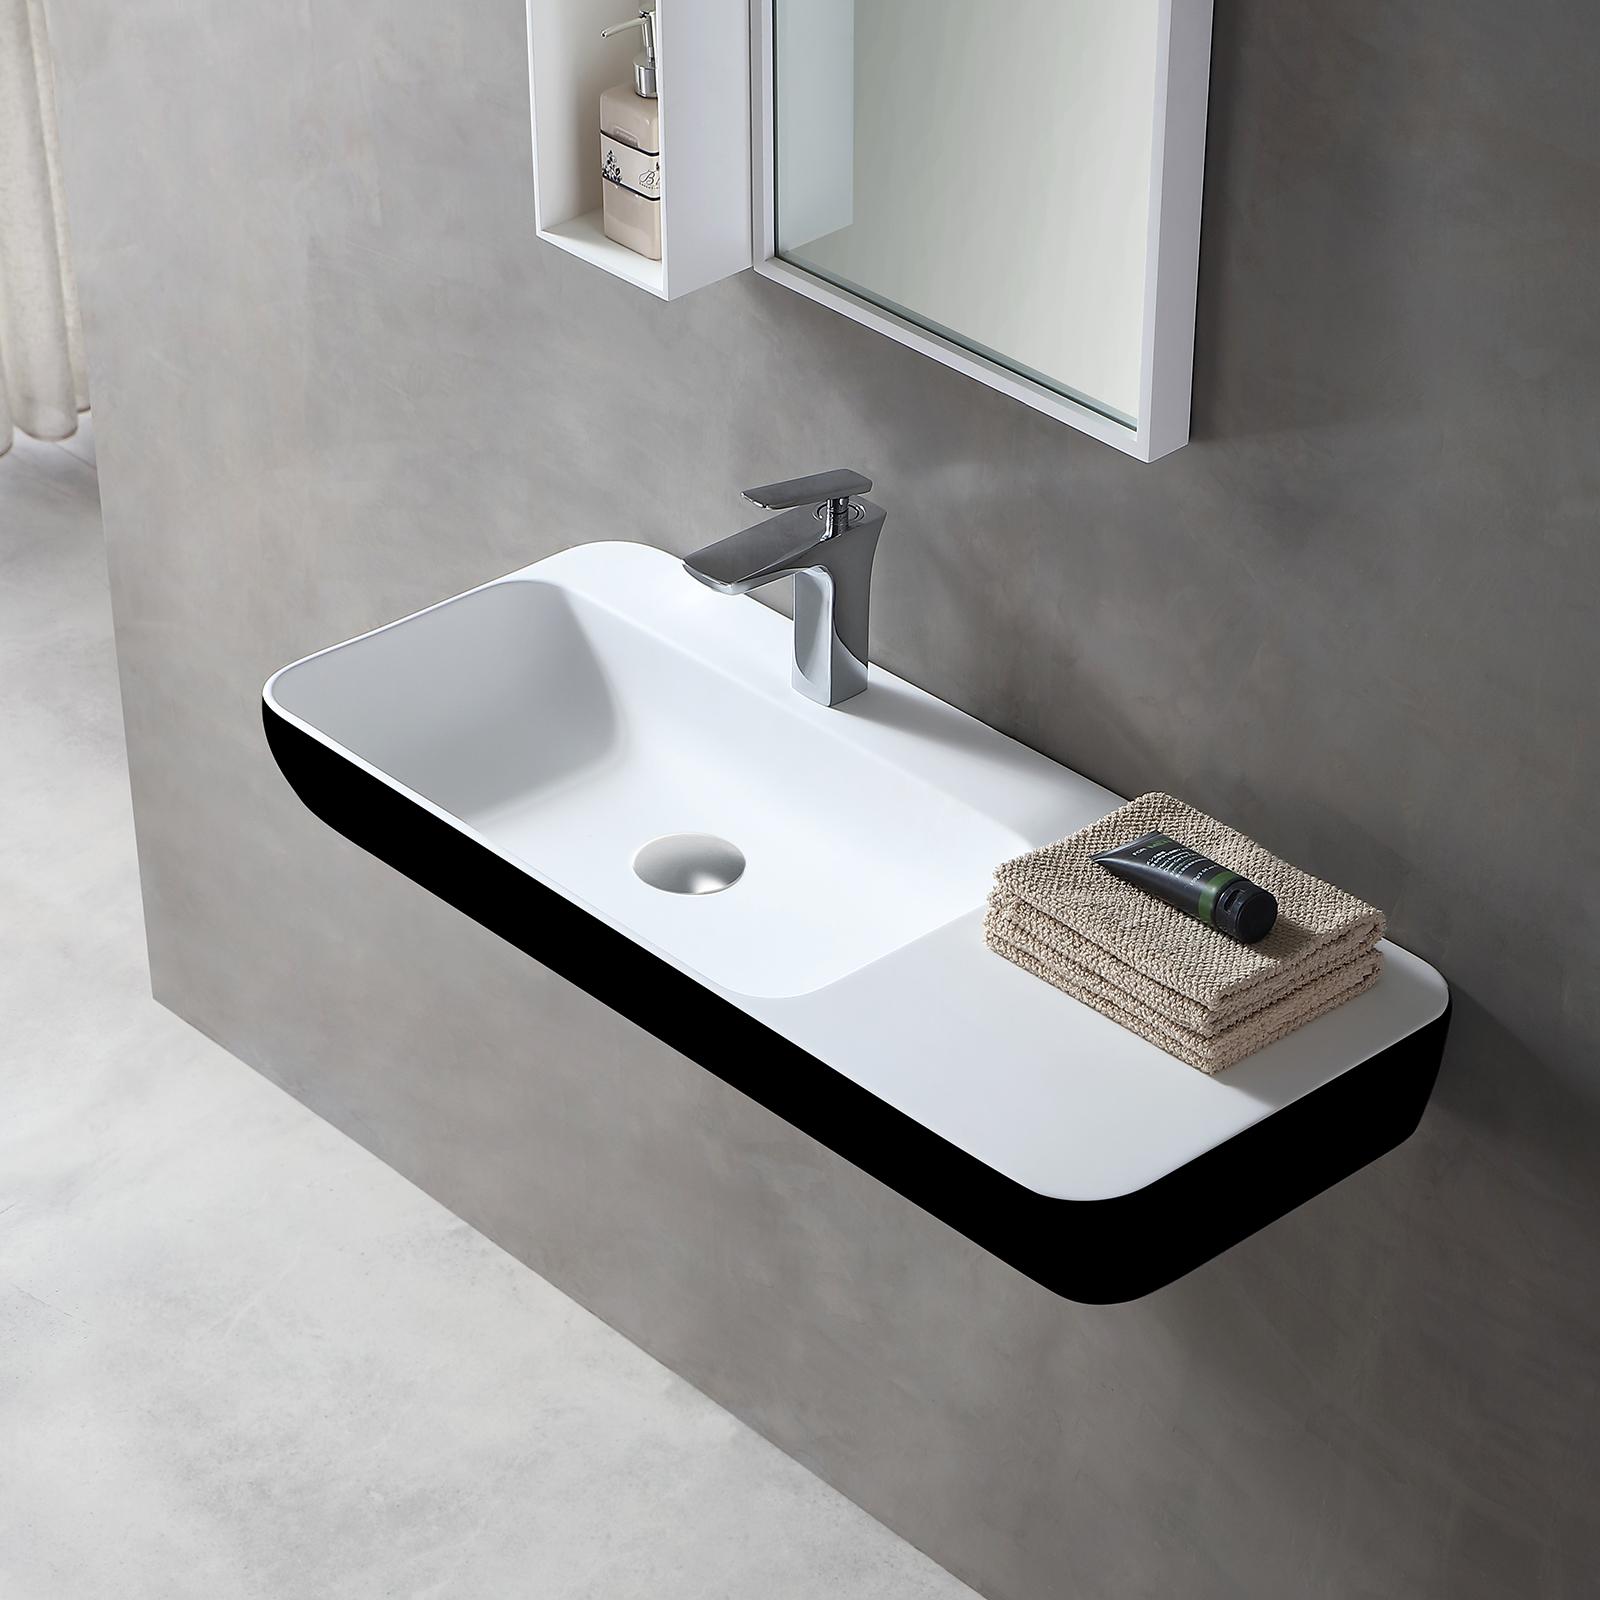 Wandwaschbecken Aufsatzwaschbecken TWG202 aus Mineralguss Solid Stone – Schwarz/ Weiß matt – 90x40x12cm